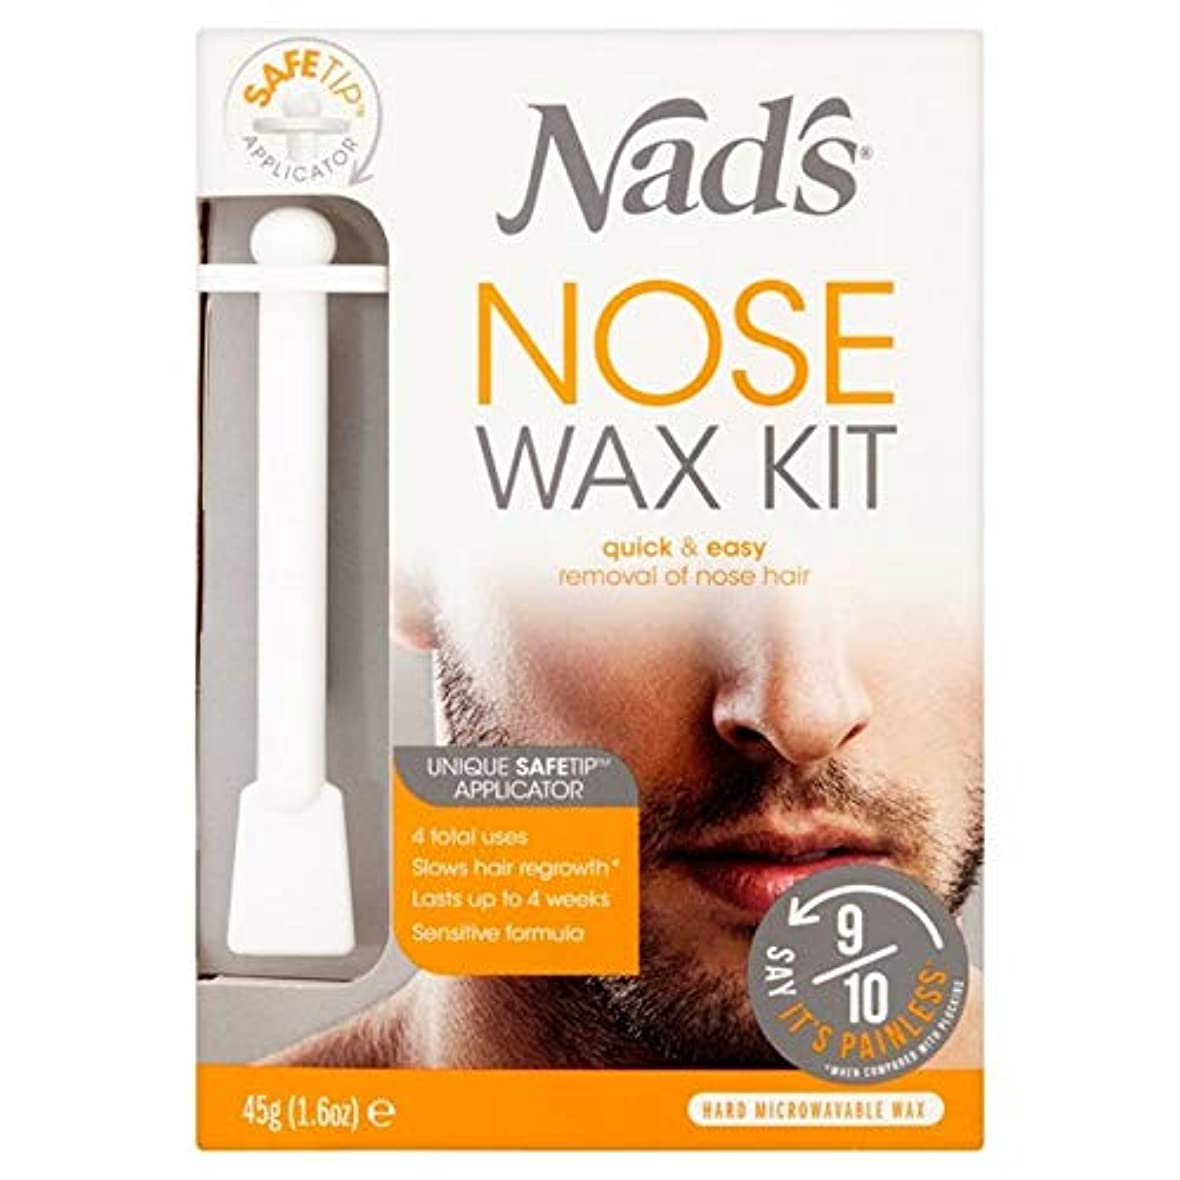 イデオロギー想定手書き[Nad's] Nadの鼻ワックスキット45グラム - Nad's Nose Wax Kit 45g [並行輸入品]